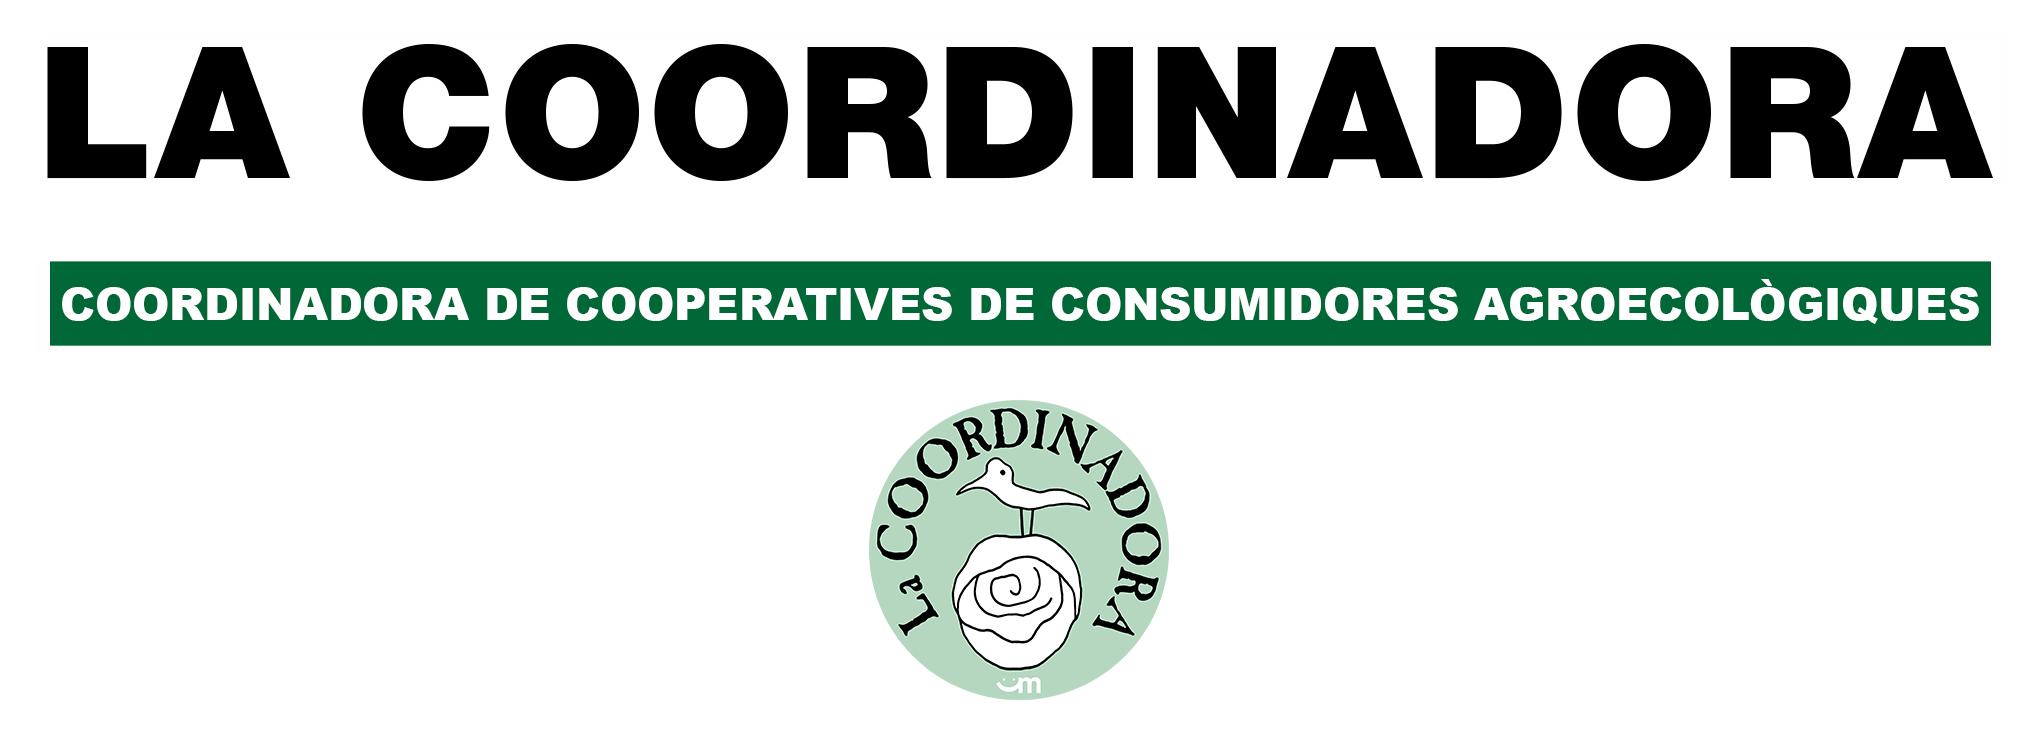 LA COORDINADORA